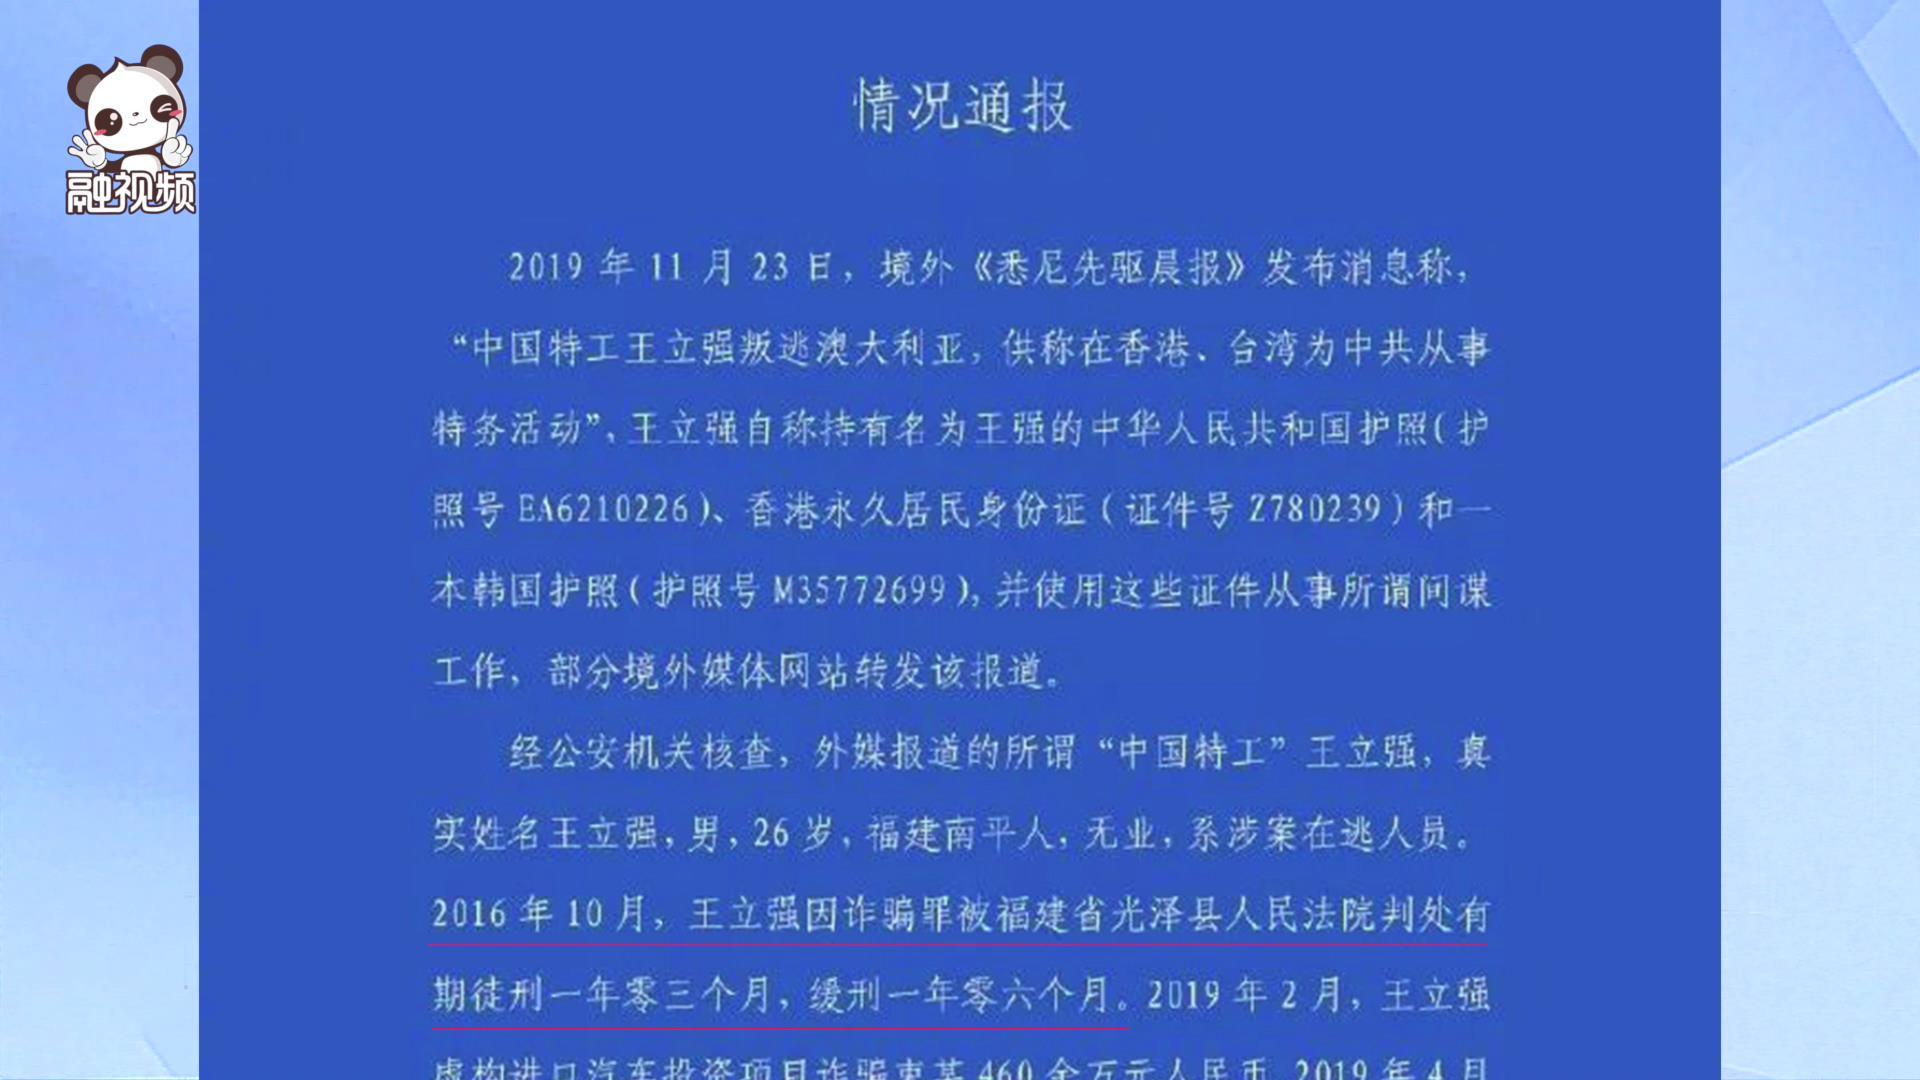 """""""中國特工""""王立強與蔡英文,誰的騙術更高明?圖片"""